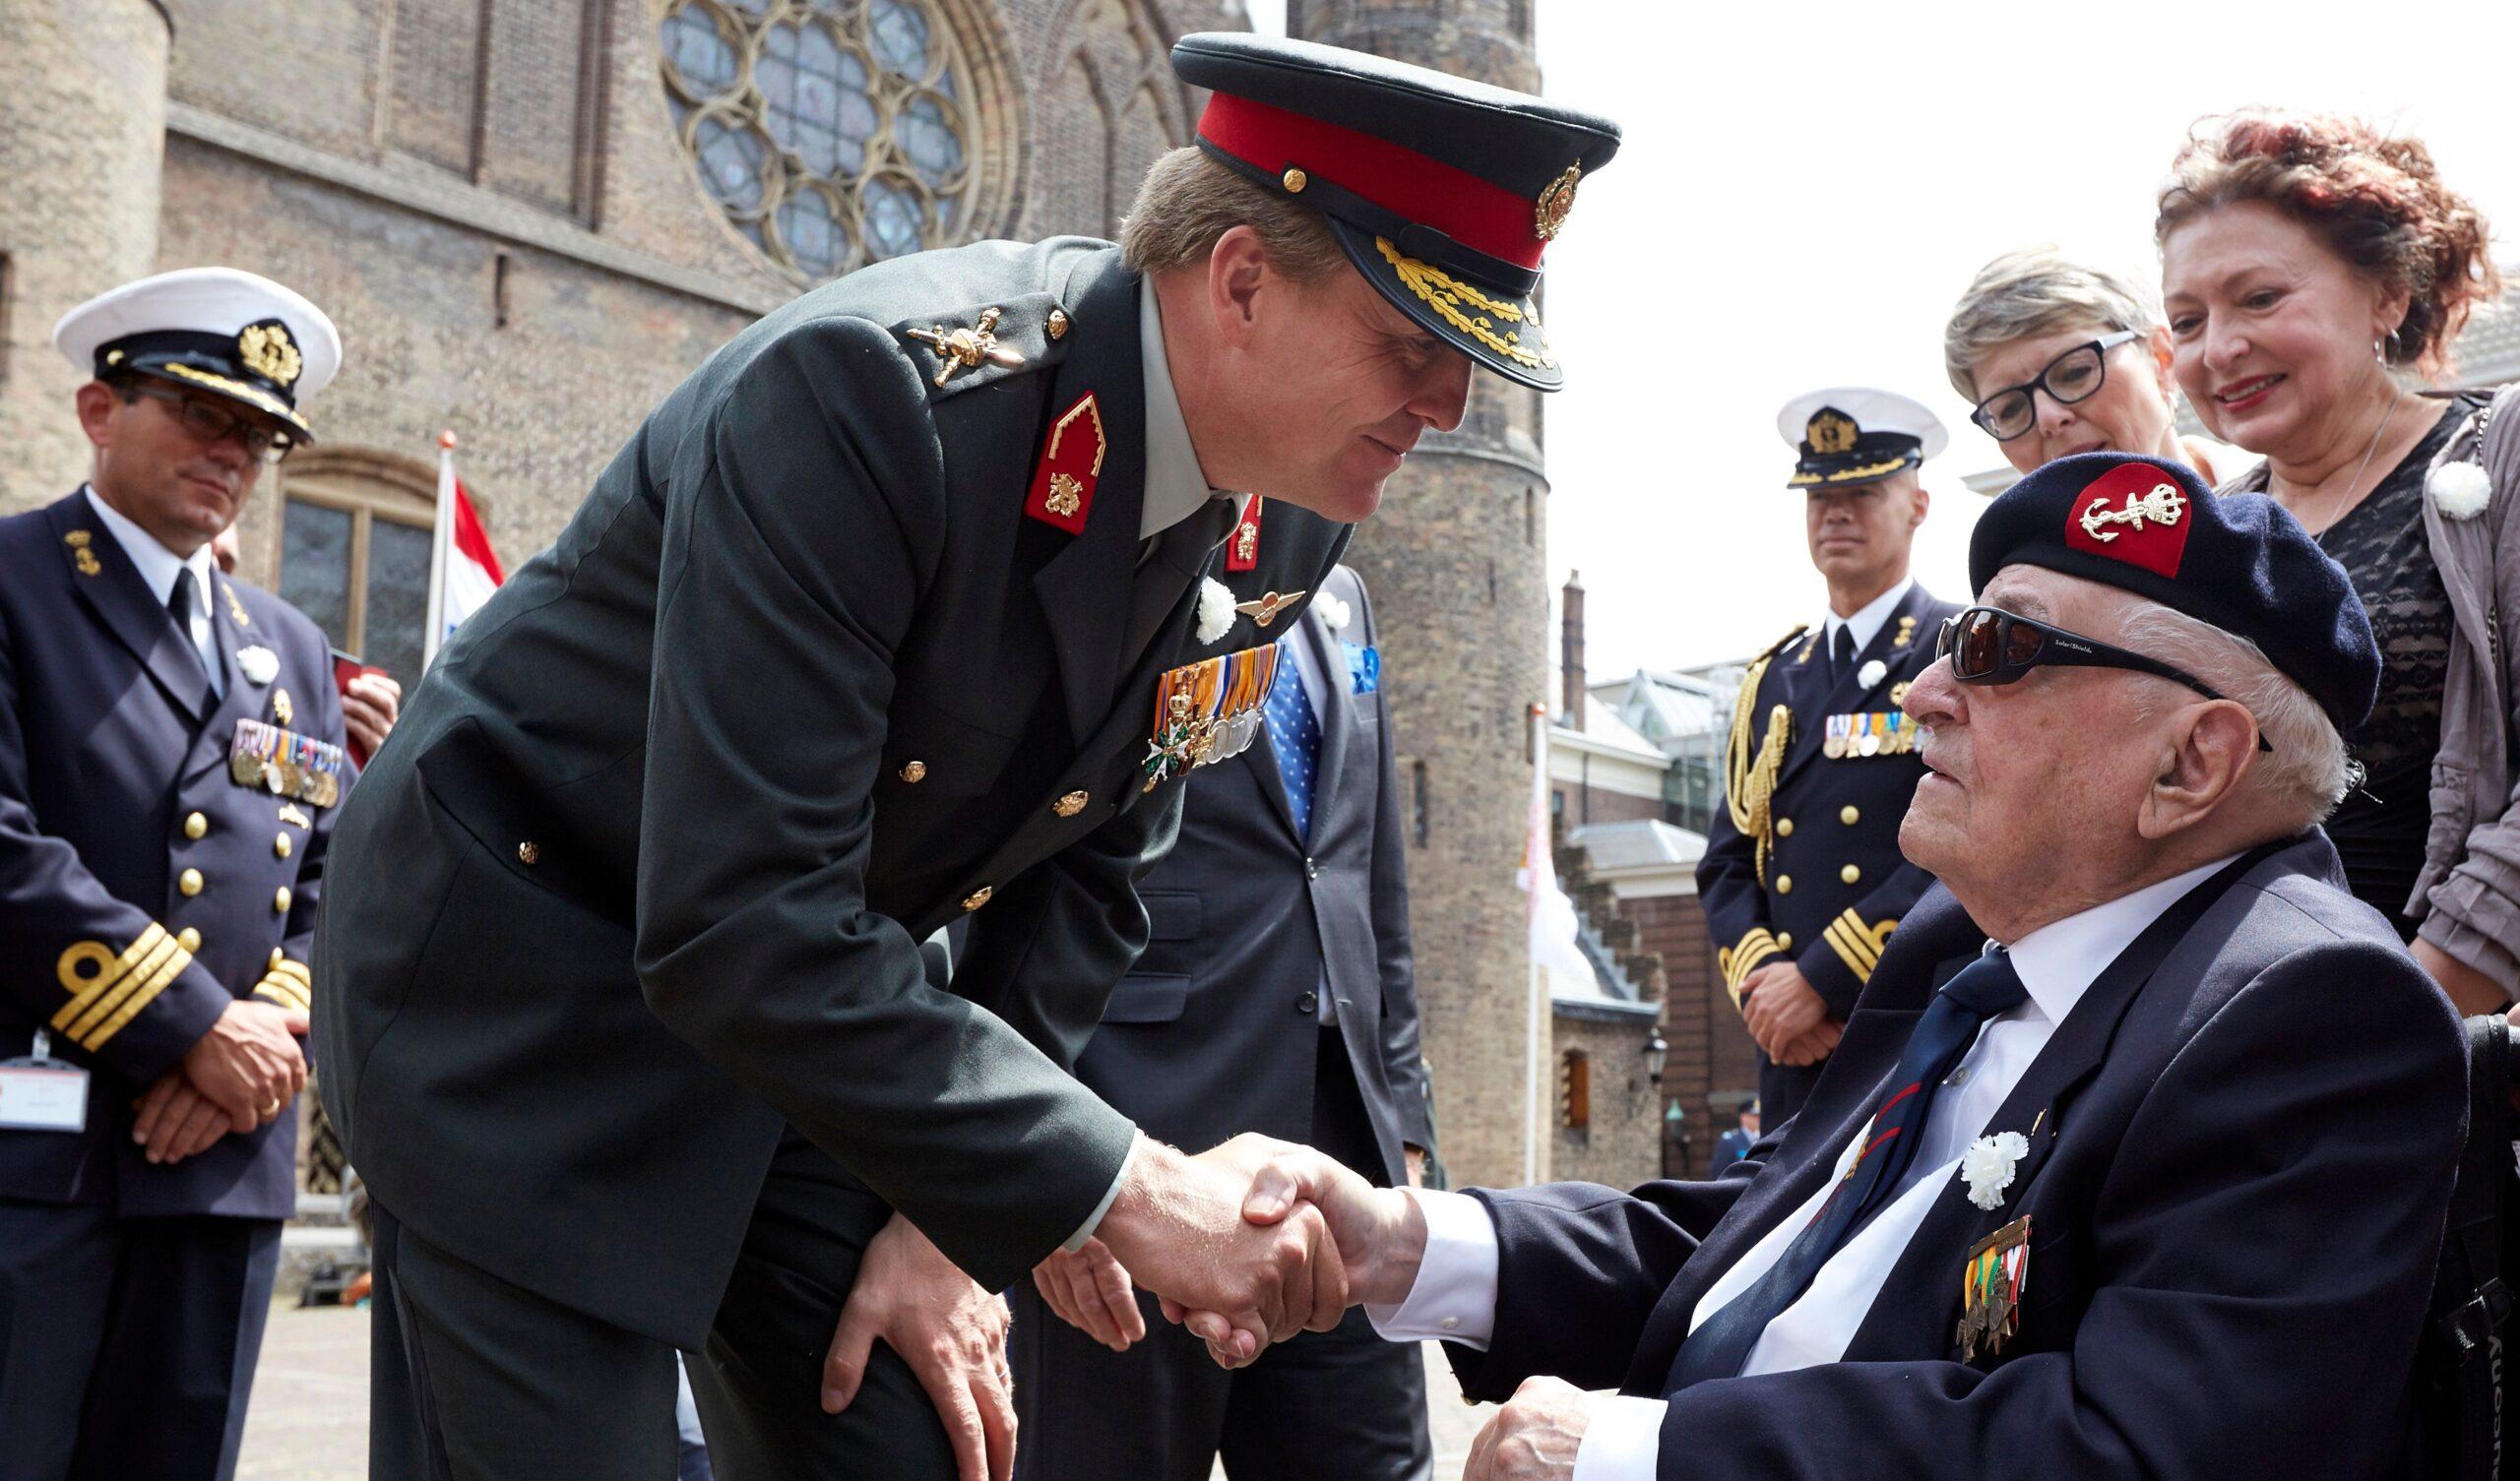 Veteranendag 2015 in Den Haag